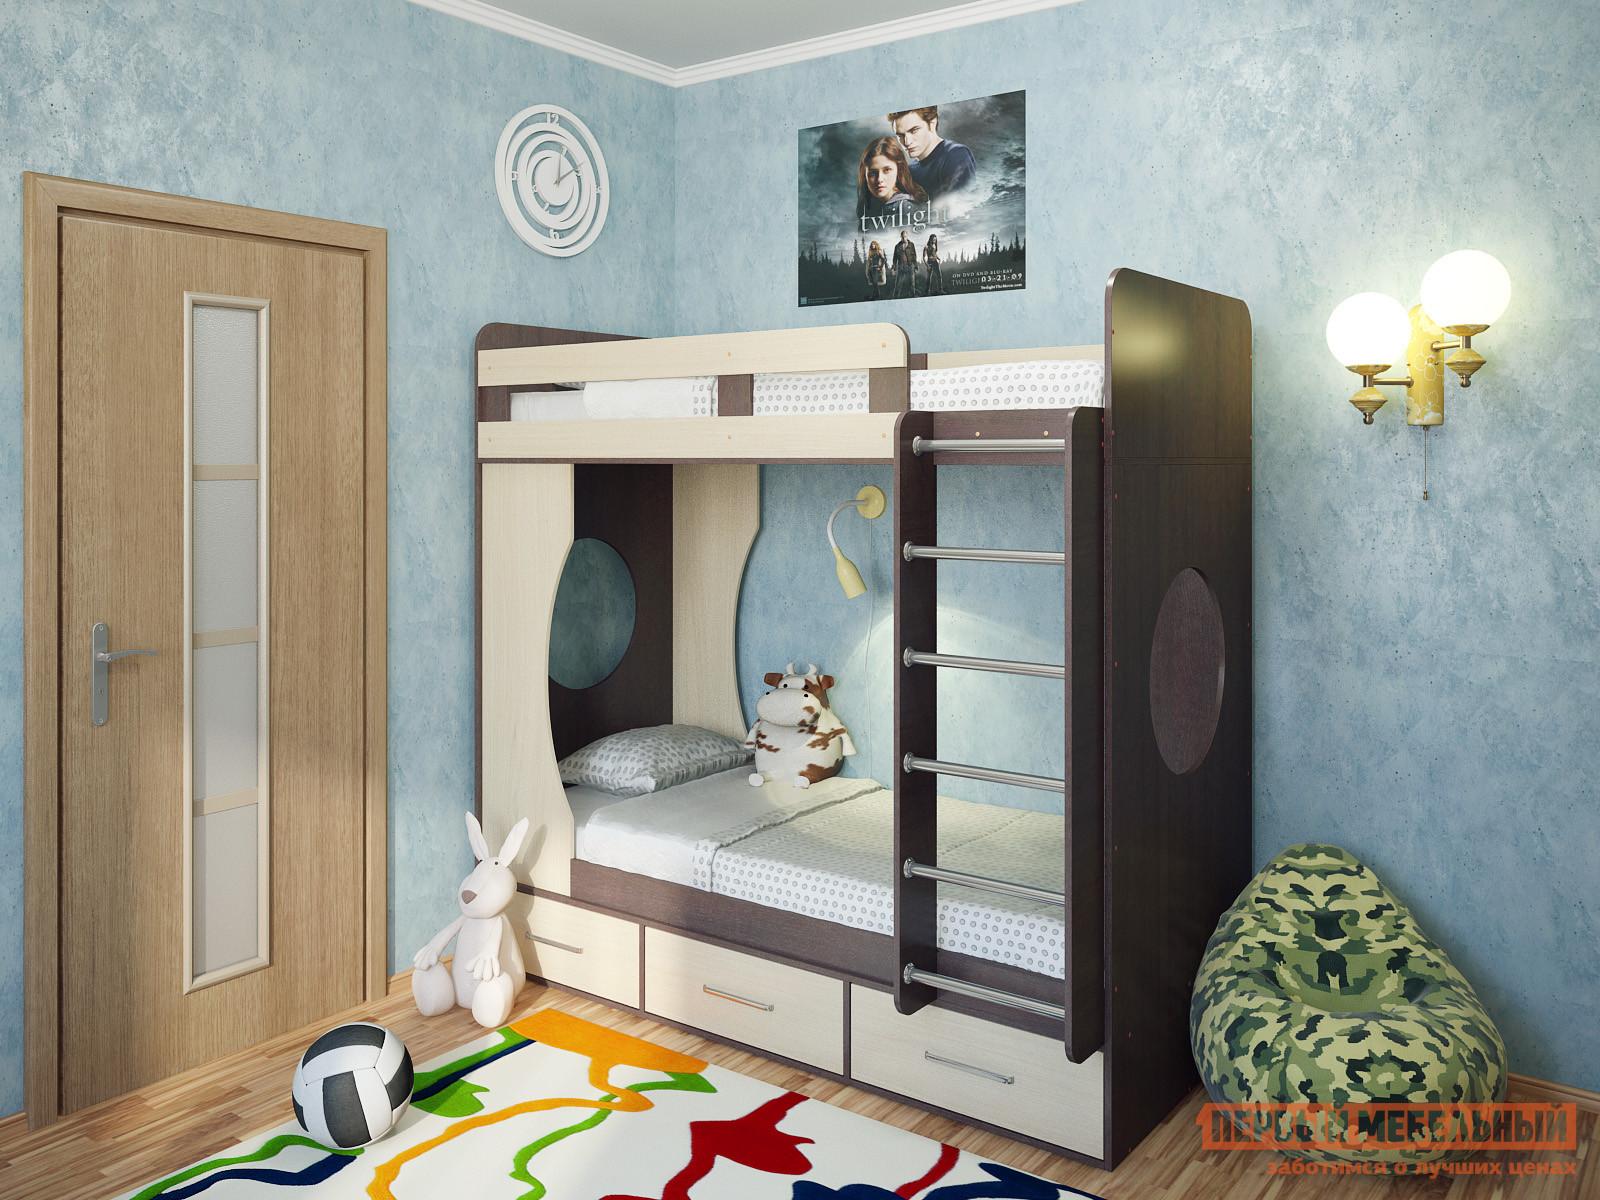 Кровать Милана Милана-1 Венге Венге / Дуб, Без матрасов Милана Габаритные размеры ВхШхГ 1760x1940x870 мм. Детская двухъярусная кровать — это отличное решение для организации пространства в небольшой комнате с двумя детьми.  Все края имеют скругления, а верхний ярус оборудован бортиком. <br> В боковинах располагаются круглые окошки, которые будут пропускать свет на нижний ярус и могут использоваться малышами во время игр.  Удобная широкая лестница позволит легко взбираться на второй этаж и будет способствовать физическому развитию детей.  Кровать дополнена тремя выдвижными ящиками для постельных принадлежностей, игрушек и прочих детских вещей. <br>Размеры спальных мест — 800 х 1900 мм. </br>Основание кроватей — настил из ЛДСП. <br>Максимальная нагрузка на верхний ярус составляет 100 кг. <br>Модуль универсальный: его можно собрать как на правую, так и на левую сторону. <br>Обратите внимание! Необходимо выбрать удобный для вас вариант покупки кровати: с матрасами или без них.  Ознакомиться с моделью матраса, который входит в комплект кровати, вы можете в разделе «Аксессуары». <br>Изделие изготавливается из ЛДСП толщиной 16 мм.  Края обработаны кромкой ПВХ 0,4 и 2 мм.  Перекладины у лестницы выполнены из хромированного металла. <br>